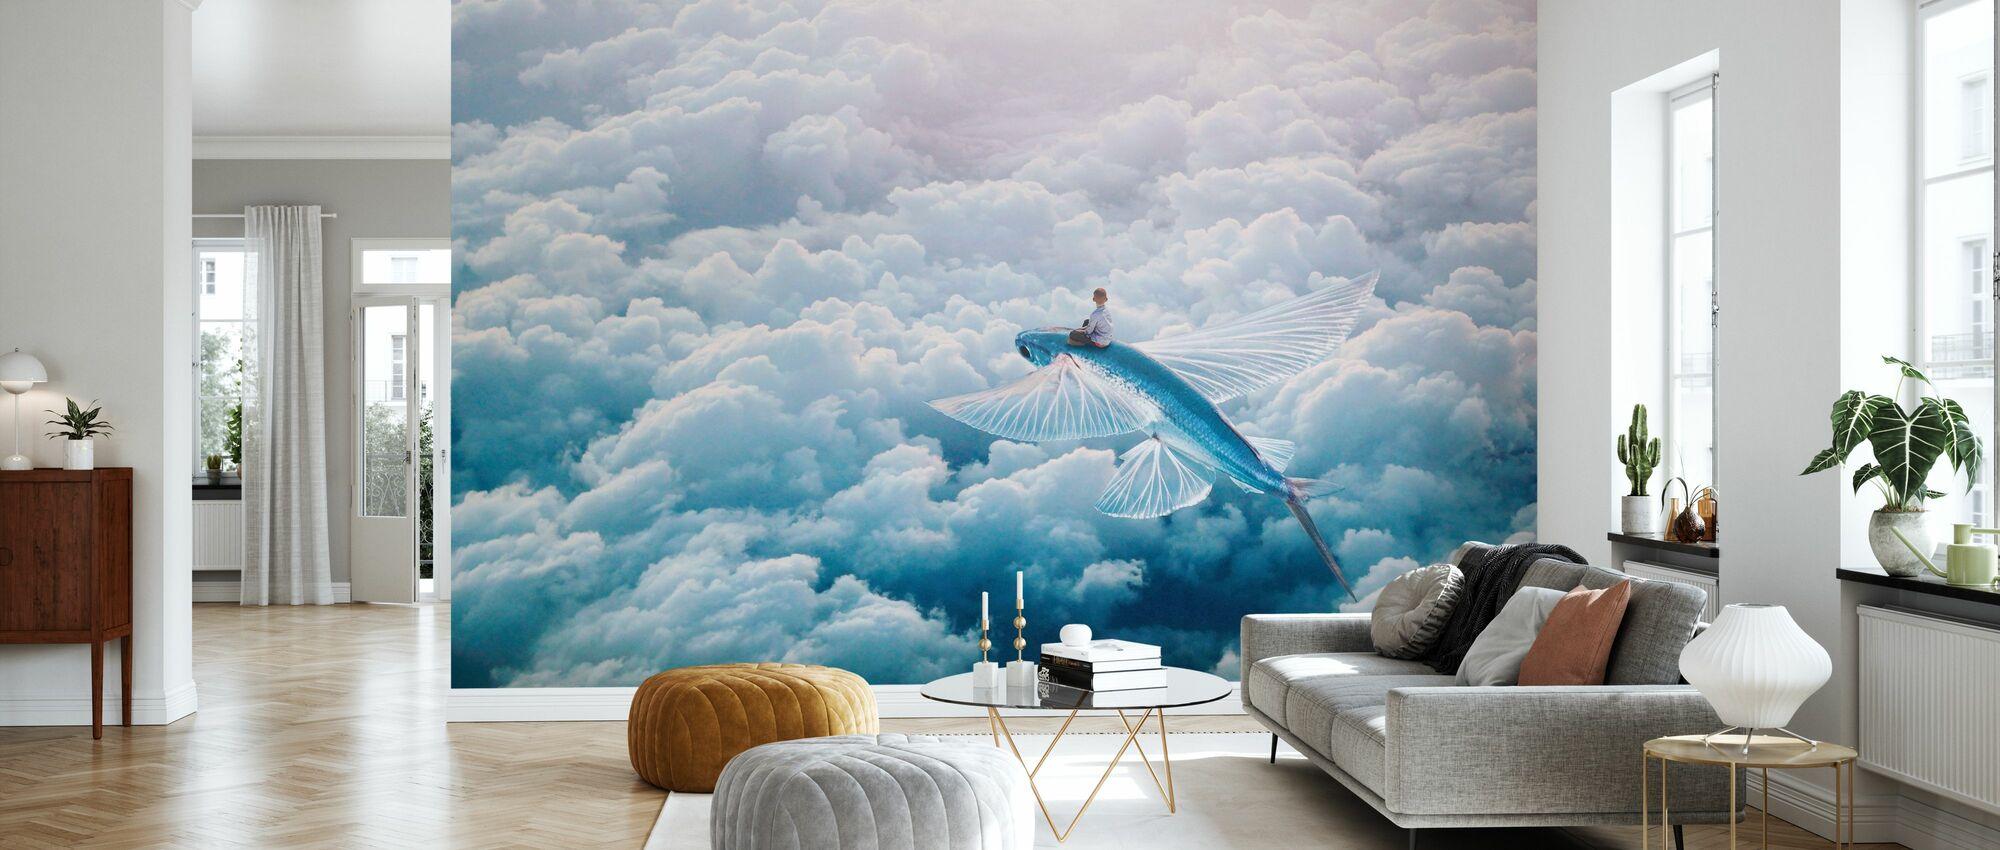 Plane - Wallpaper - Living Room